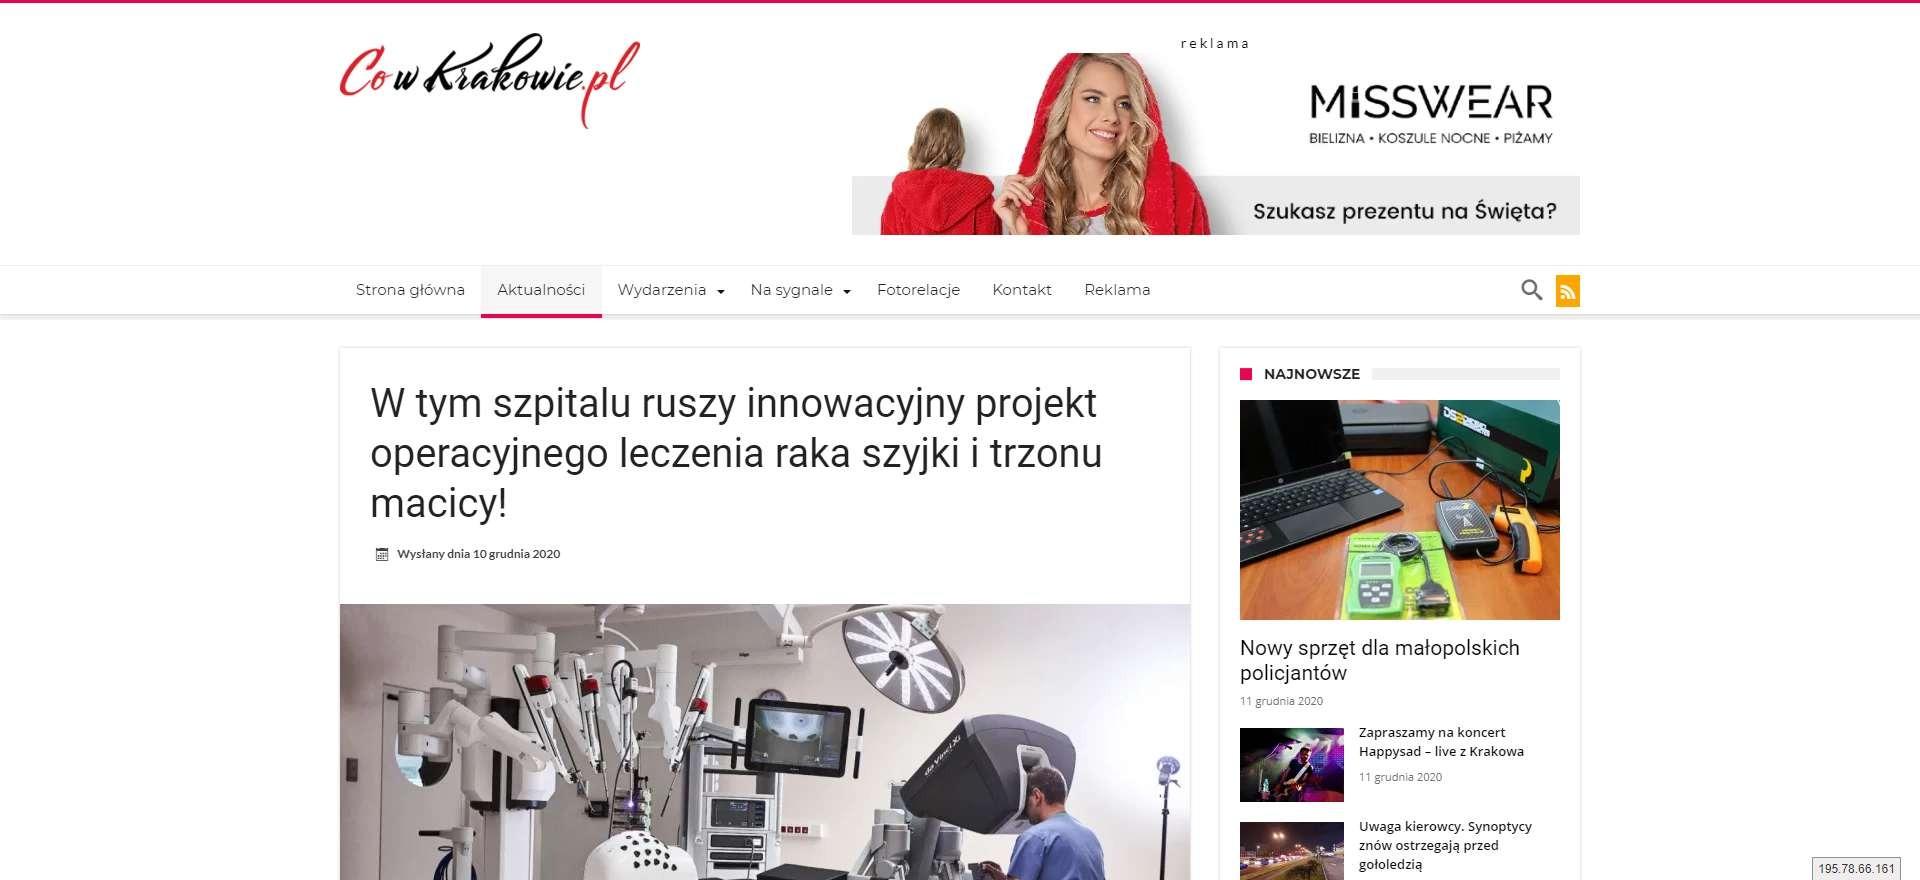 w tym szpitalu ruszy innowacyjny projekt operacyjnego leczenia raka szyjki i trzonu macicy